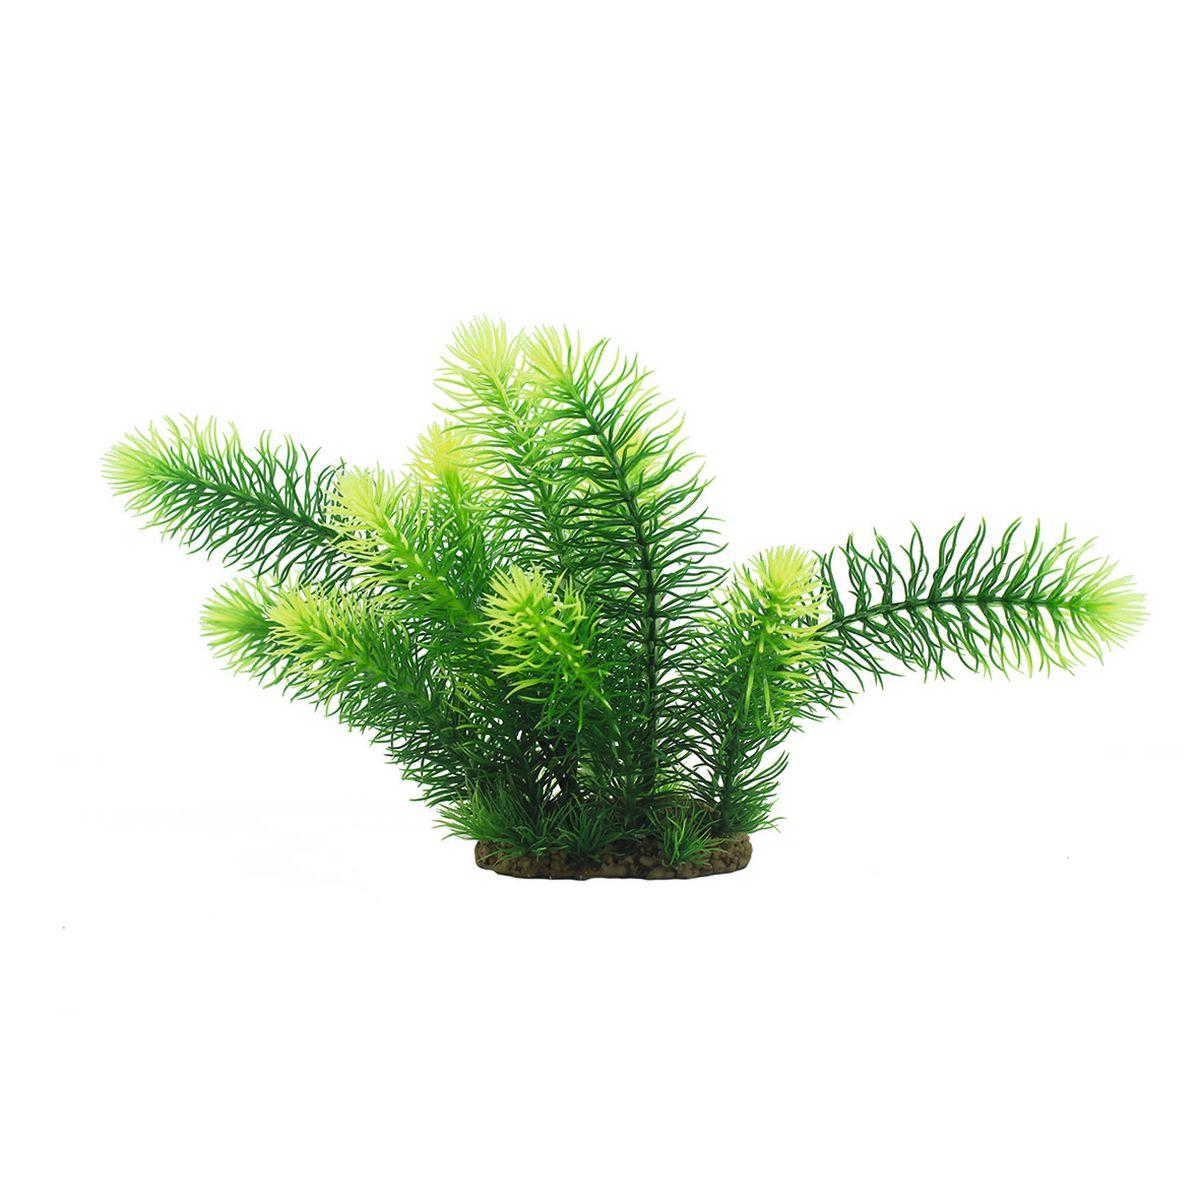 Растение для аквариума ArtUniq Погостемон эректус, высота 25 смART-1160572Растение для аквариума ArtUniq Погостемон эректус, высота 25 см